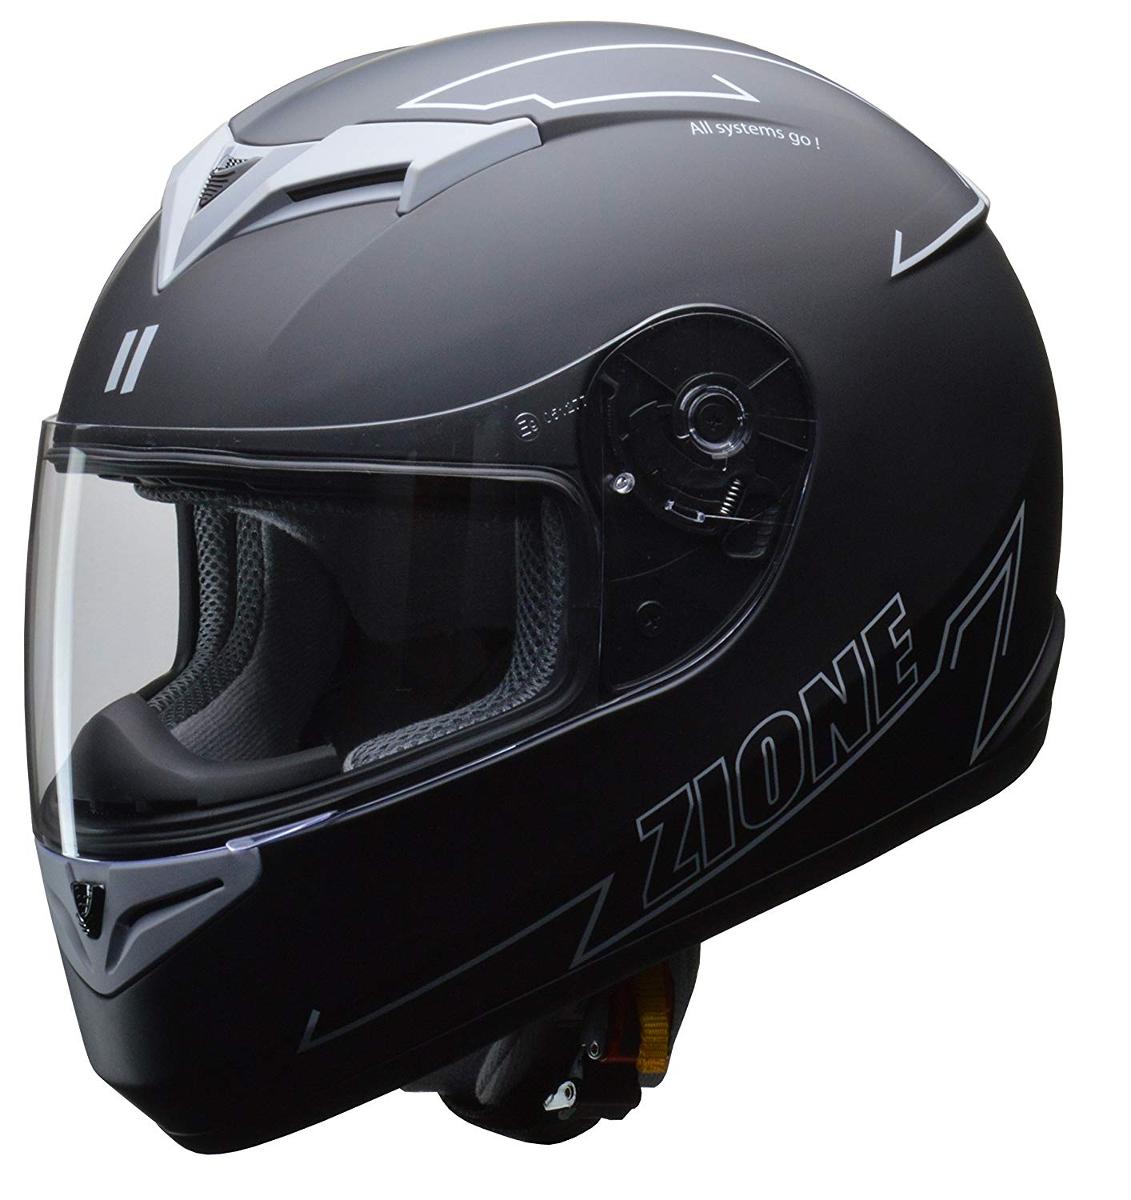 リード工業 フルフェイスヘルメット ZIONE (ジオーネ) グレー Lサイズ (59-60cm未満)